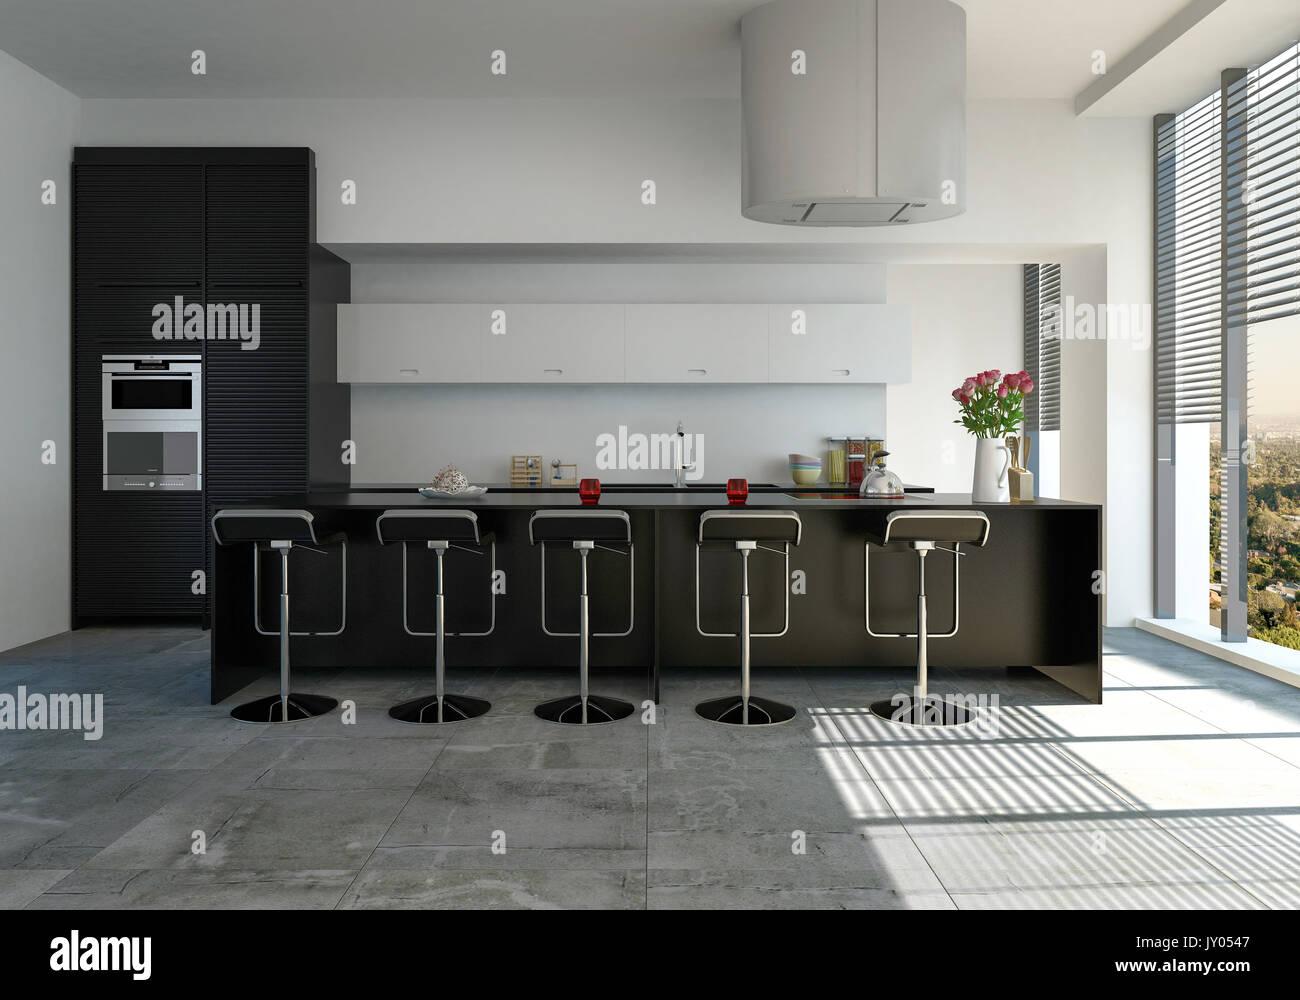 Nuovo tavoli da bar usati immagini